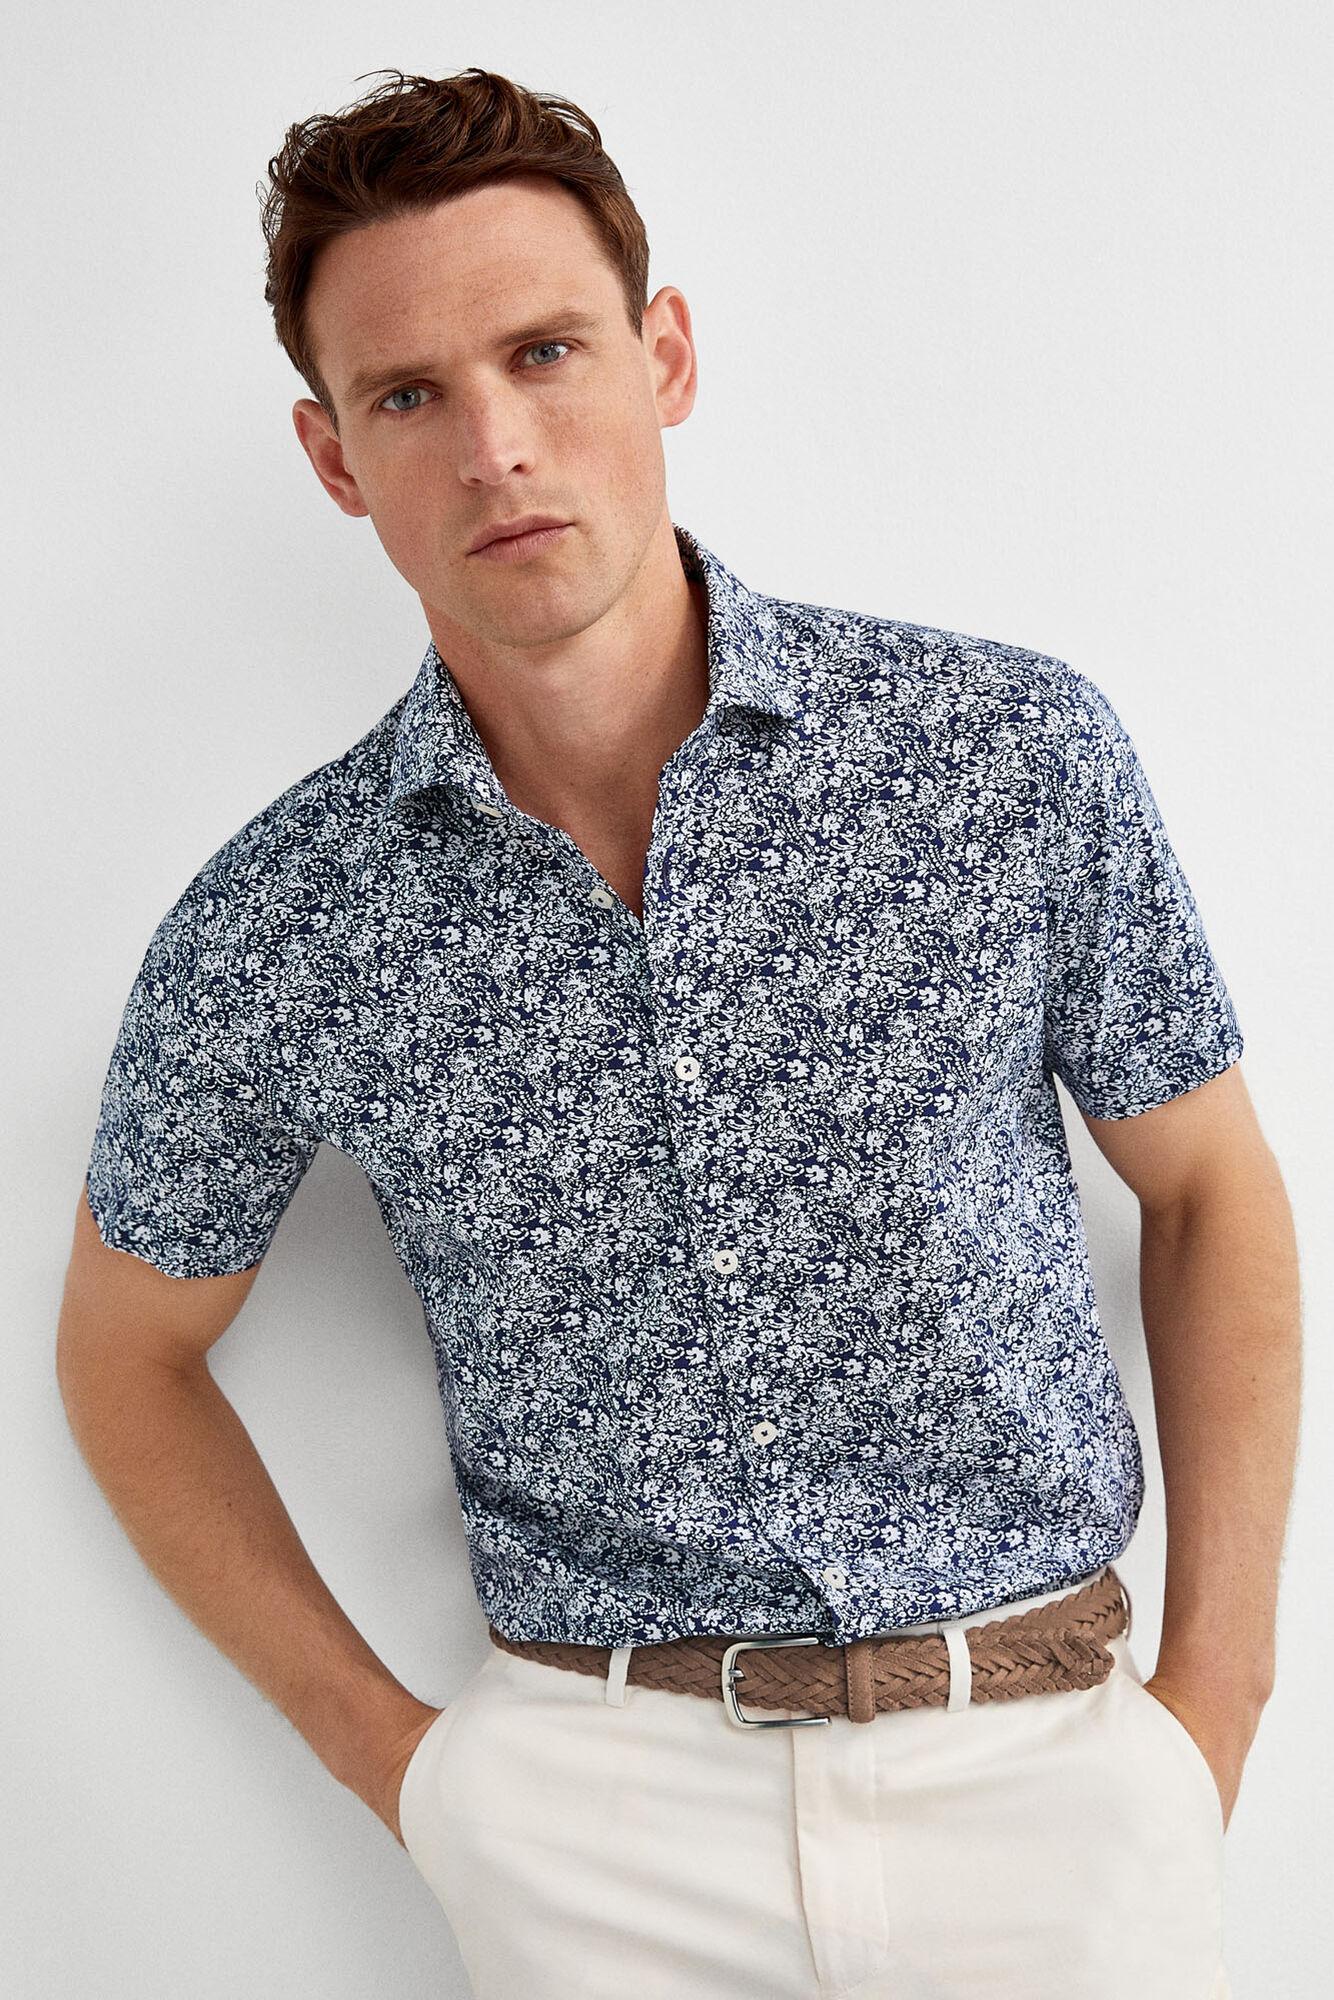 44463eb55fbd Printed short-sleeve shirt   Shirts   Pedro del Hierro Man & Woman